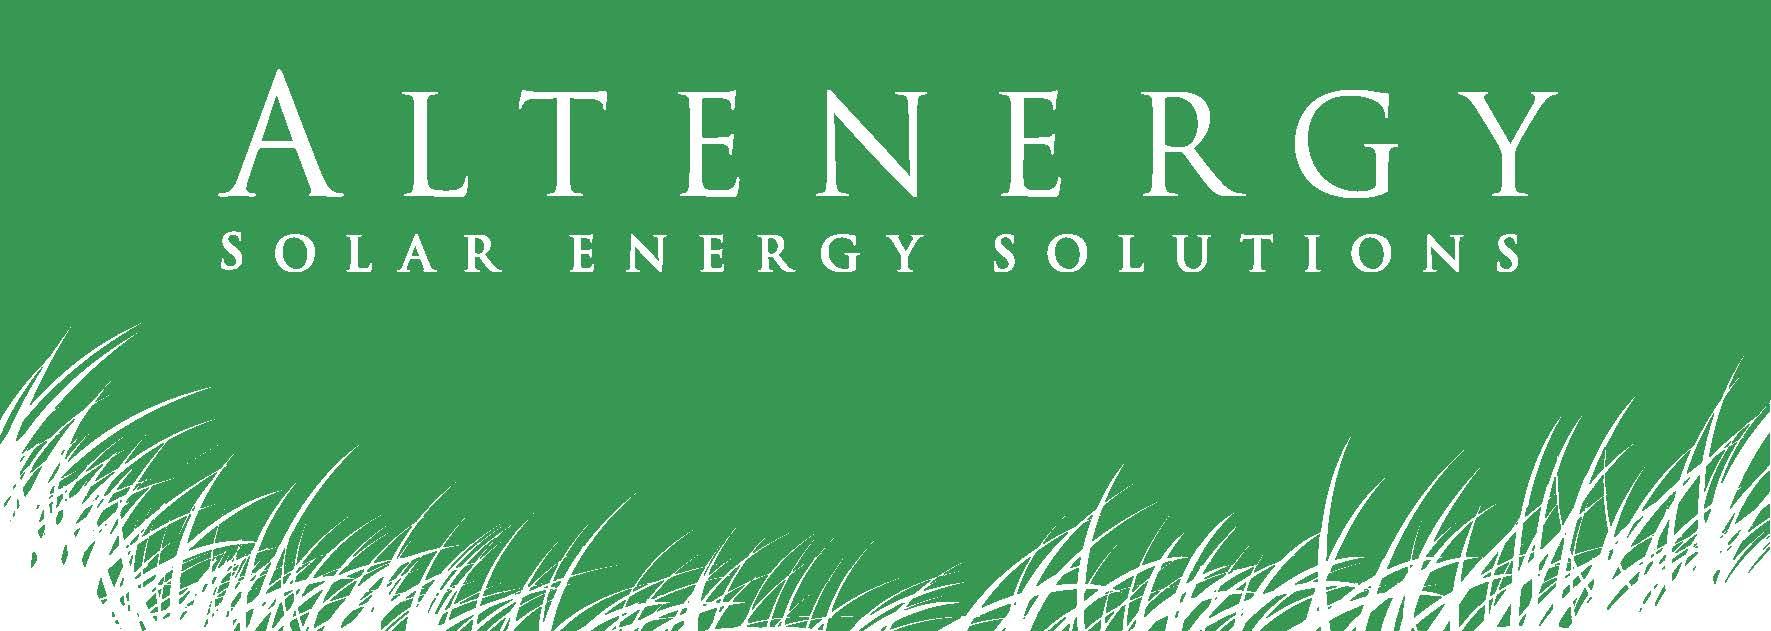 Altenergy Incorporated logo